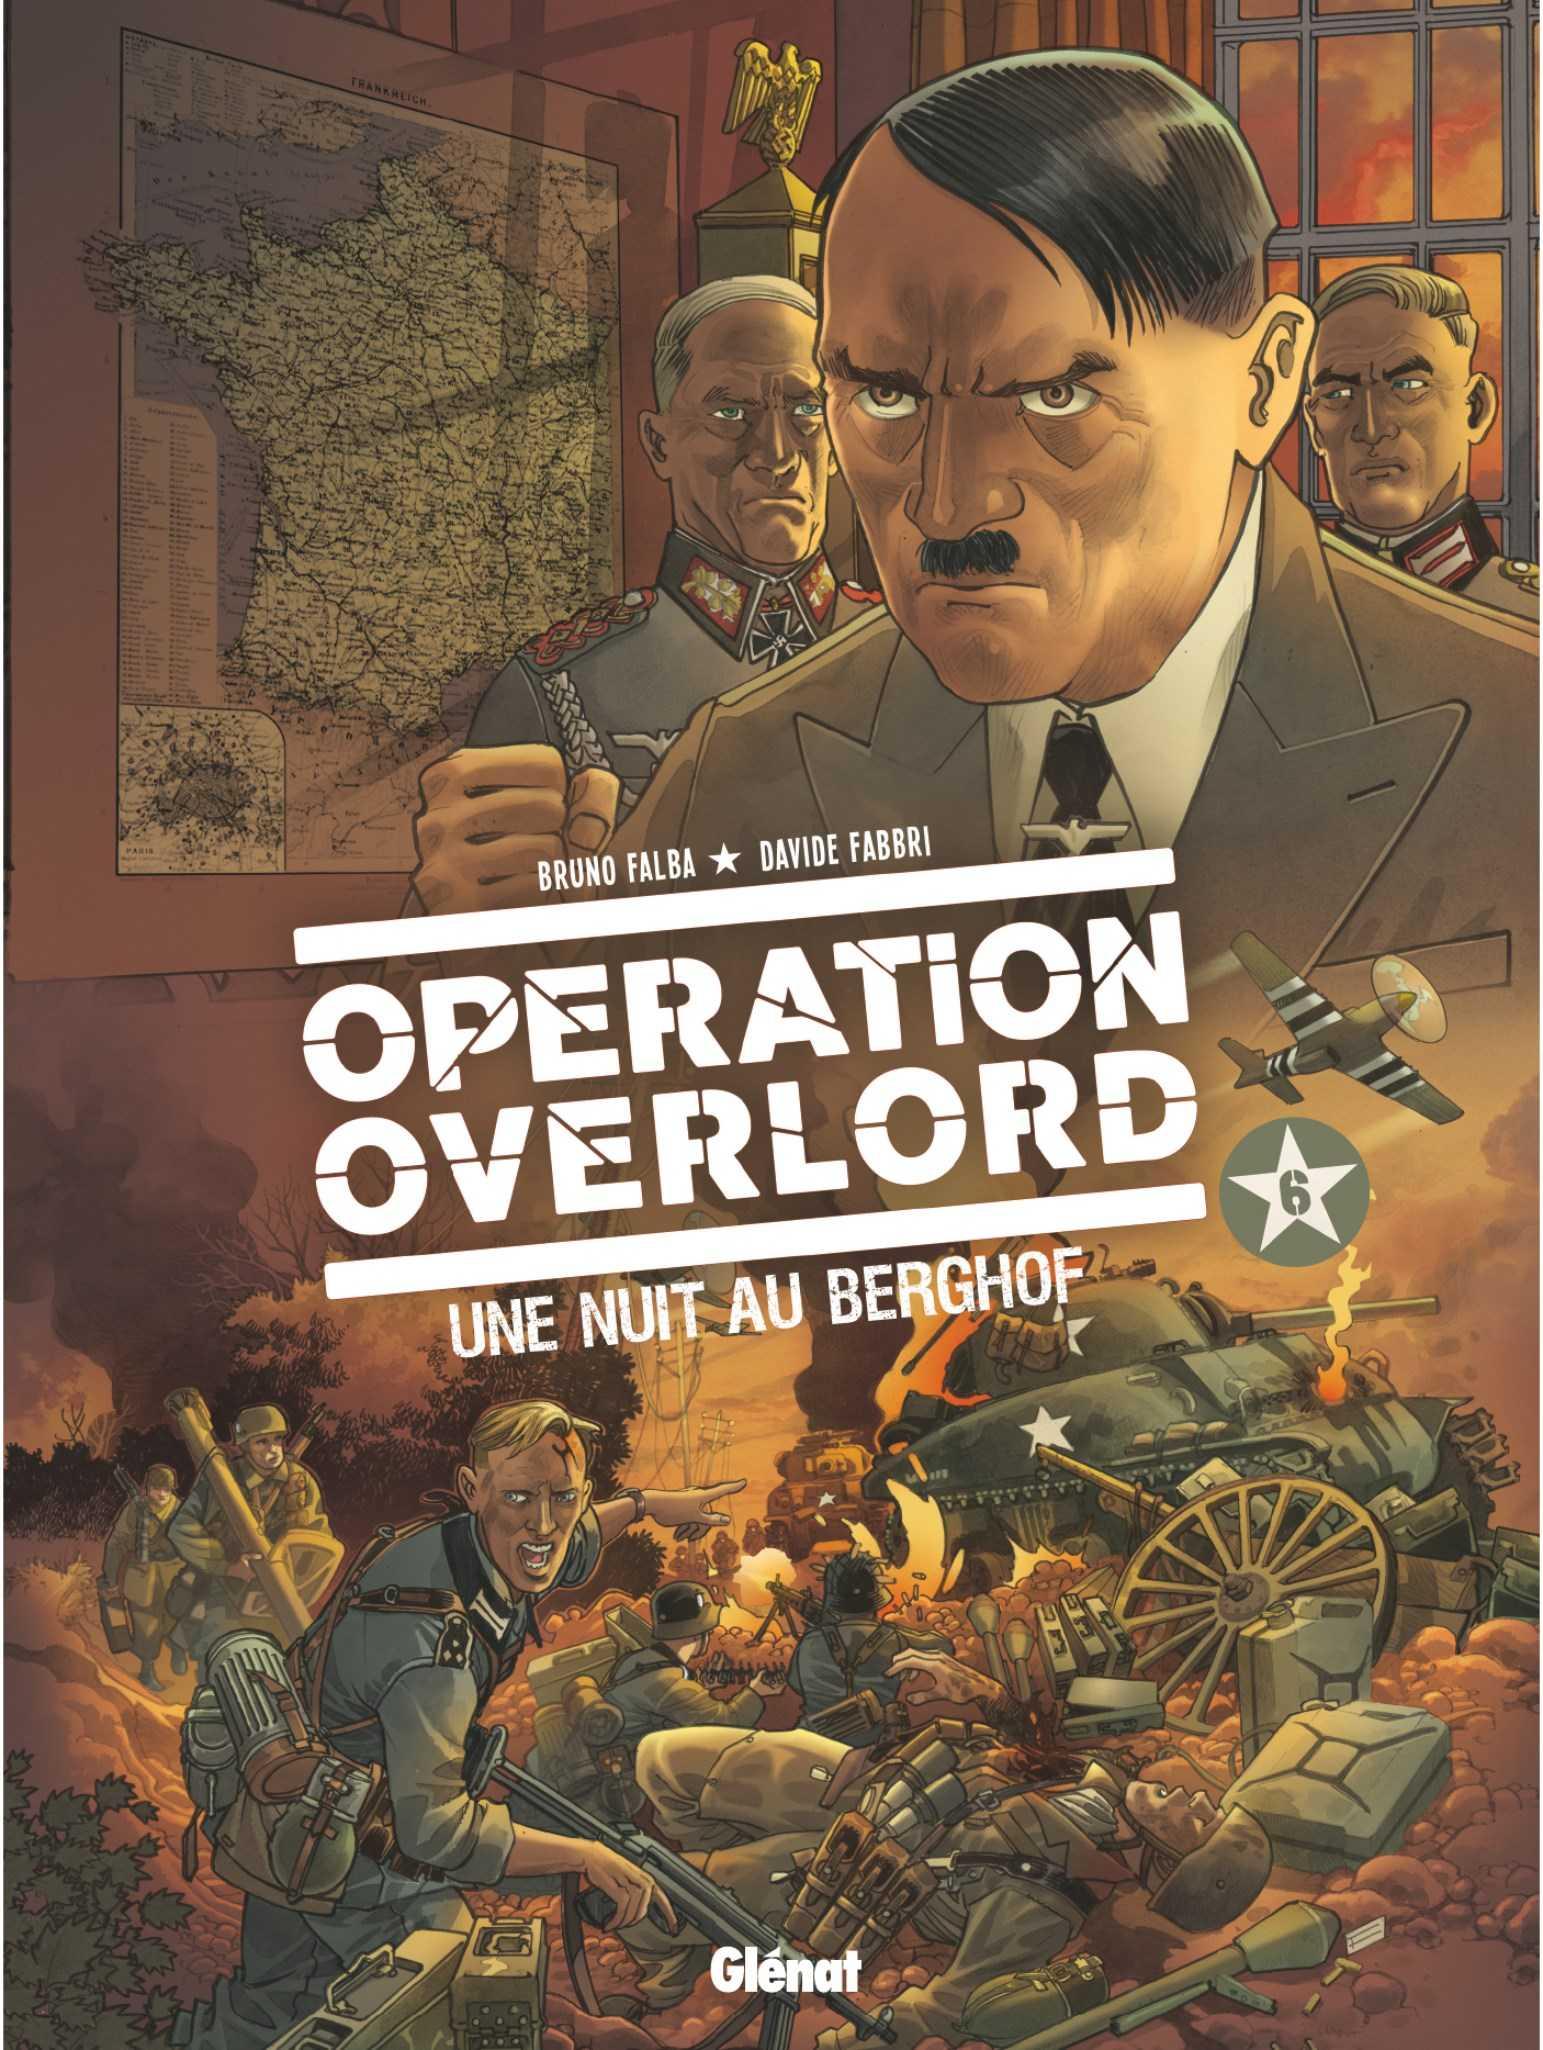 Opération Overlord T6, pourquoi Hitler n'y a pas cru le 6 juin 1944